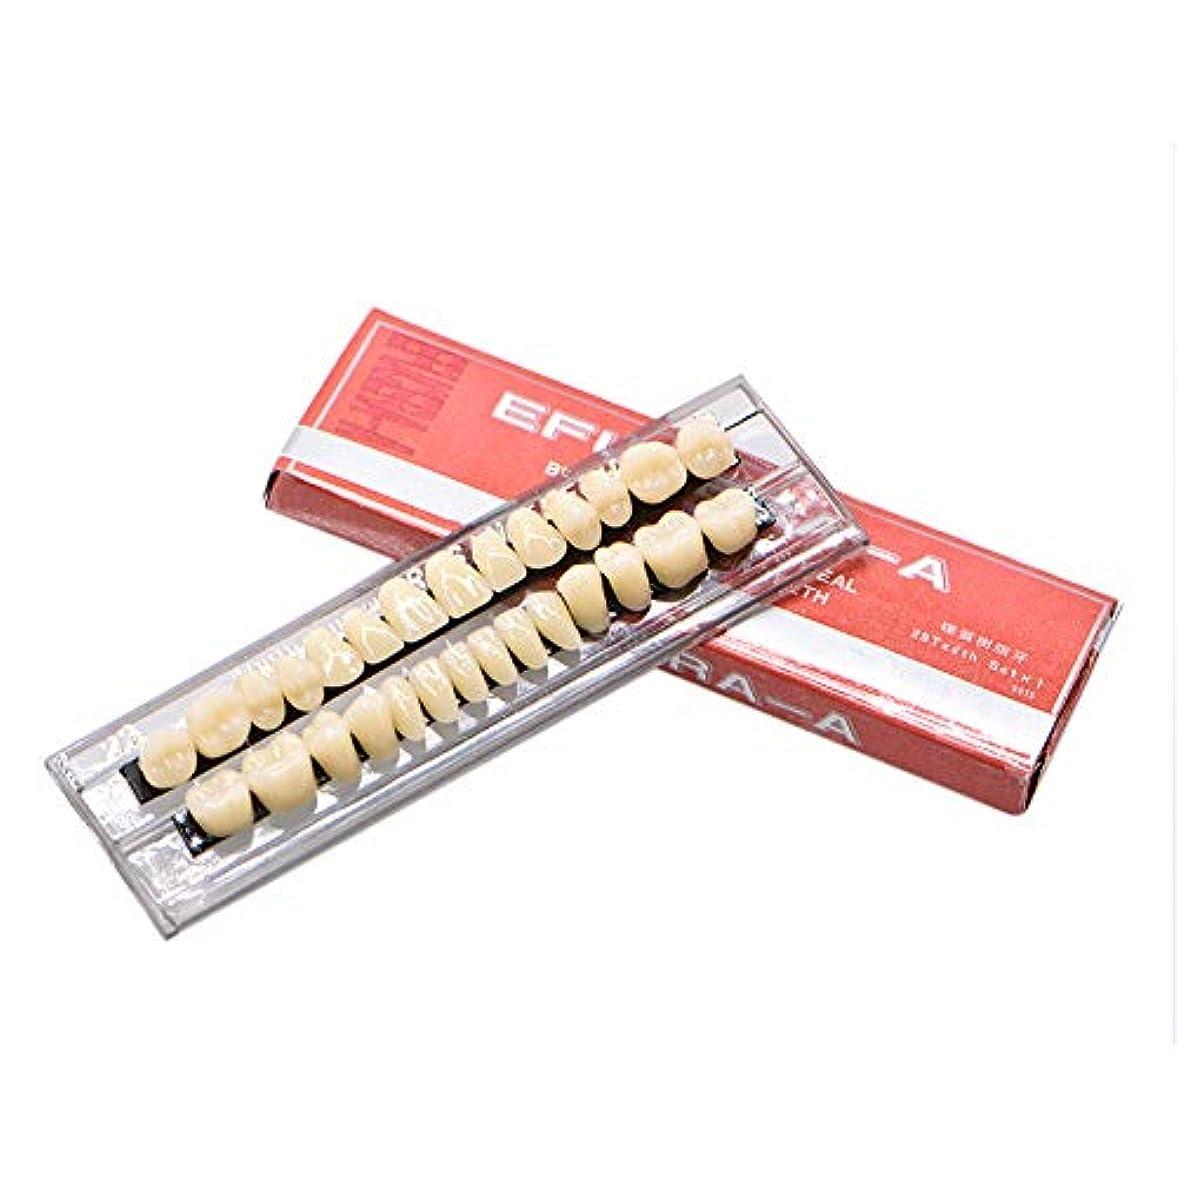 万一に備えて火薬契約したOral Dentistry 入れ歯ケア 口腔歯科 歯科用アクリル 樹脂 義歯キット ハロウィンホラーの小道具 ホワイト義歯23 A3 アップ&ダウン歯科28個/セット(A3*2)